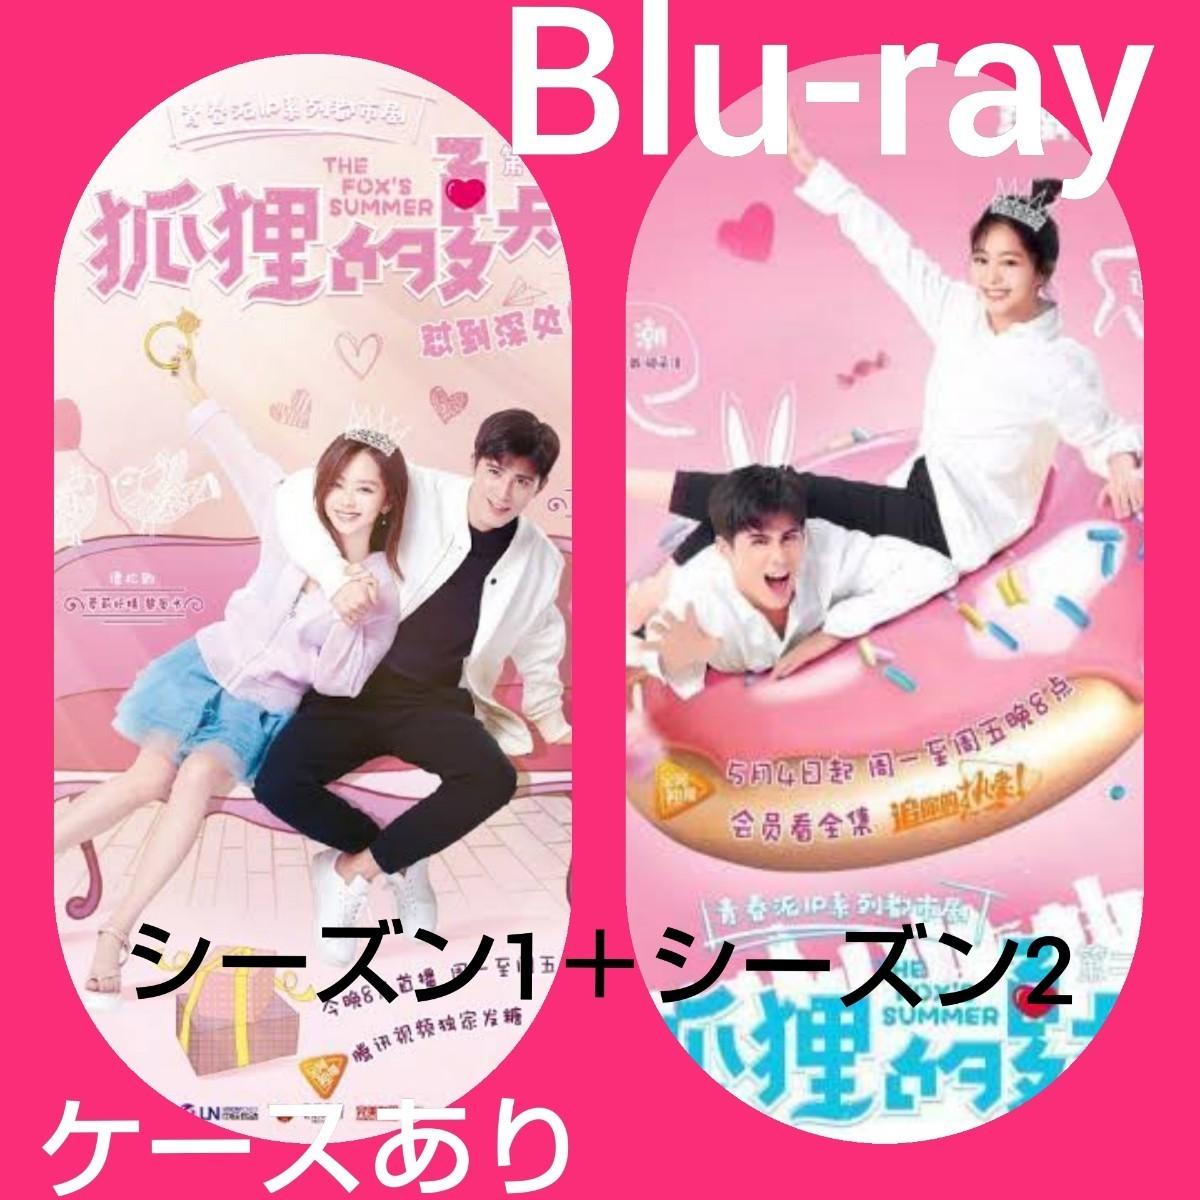 中国ドラマ 嘘つき彼女 1+2 全話 Blu-ray